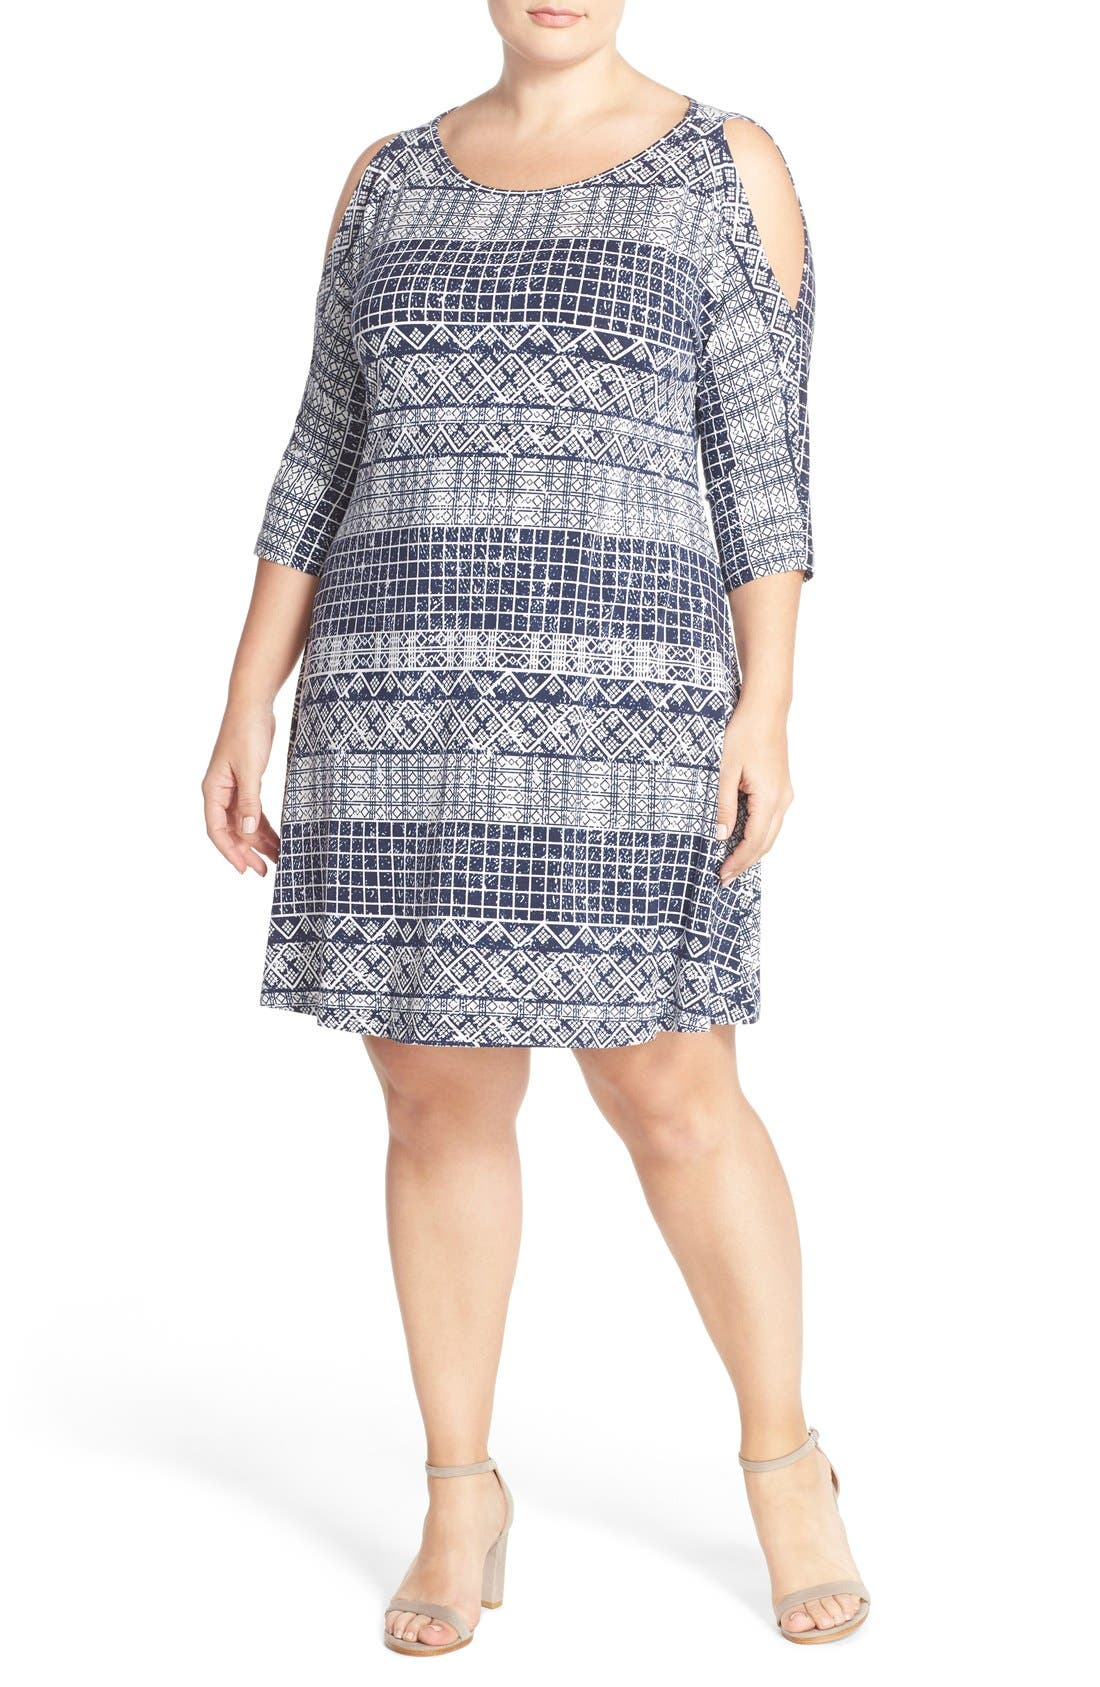 Image of Tart Naya Cold Shoulder A-Line Dress